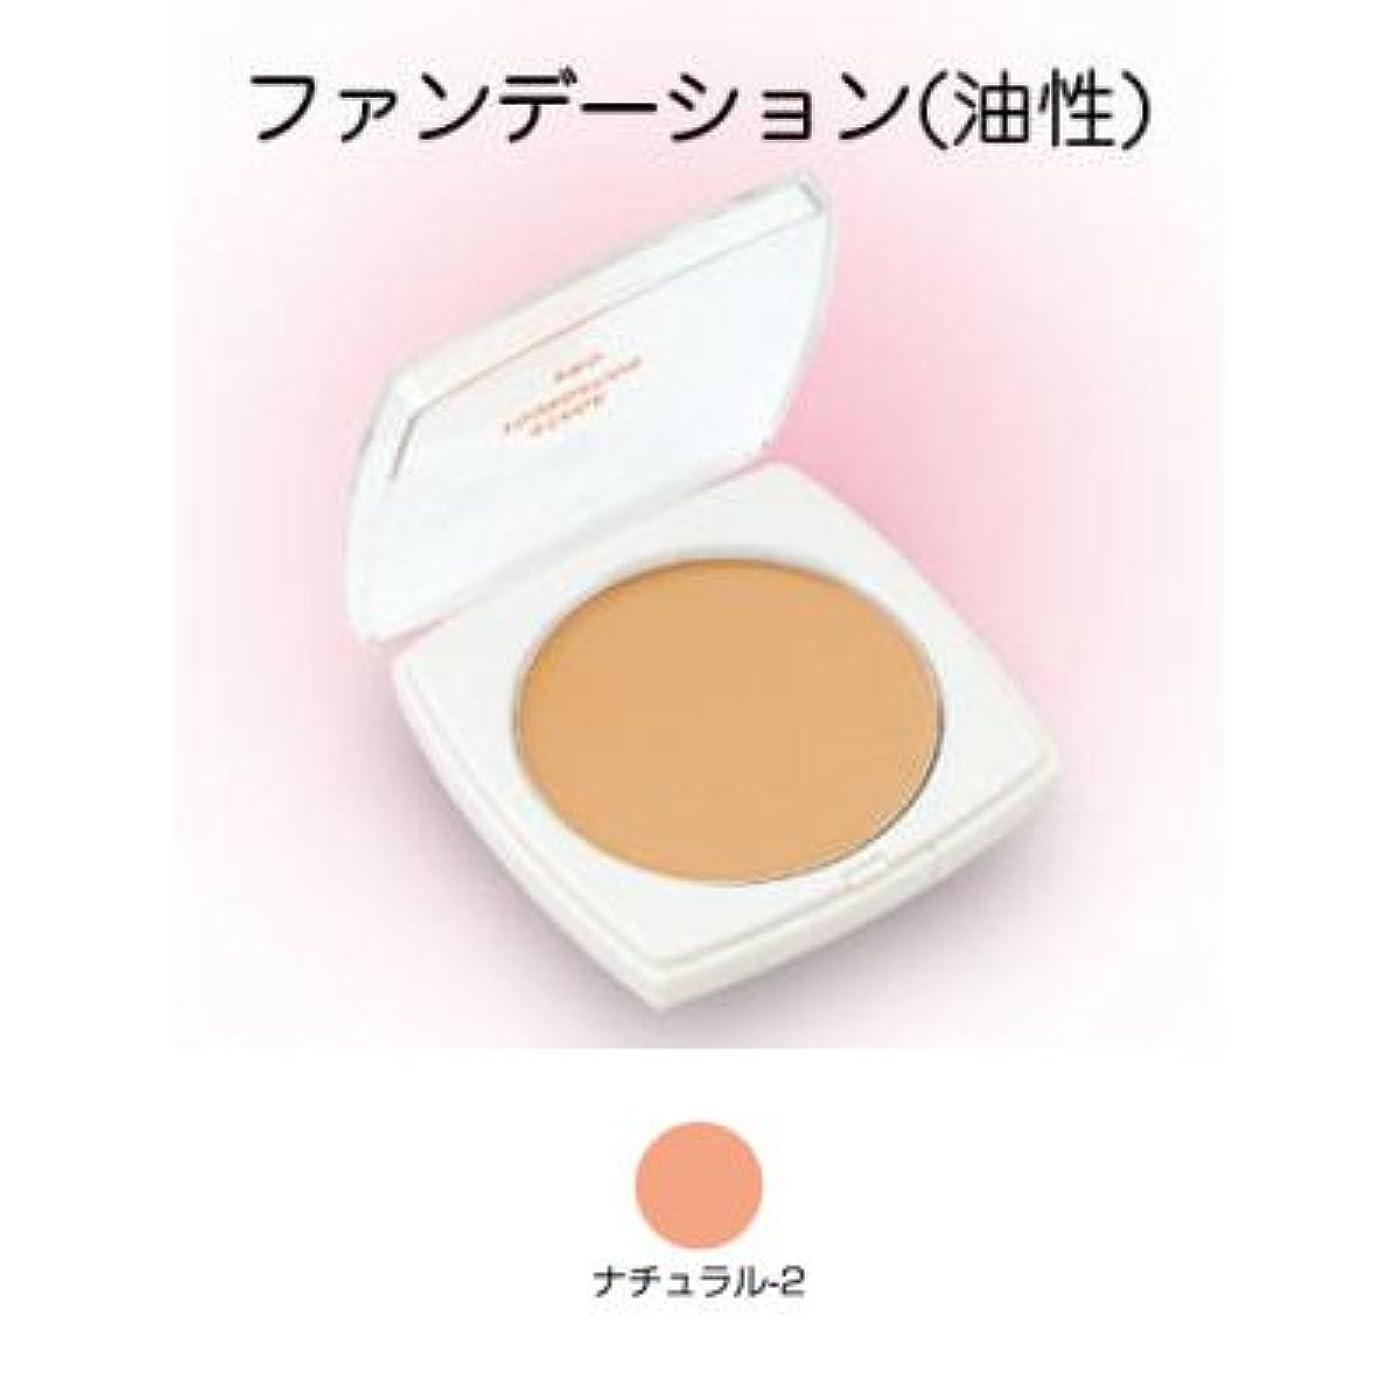 バッテリー少ないデモンストレーションステージファンデーション プロ 13g ナチュラル-2 【三善】